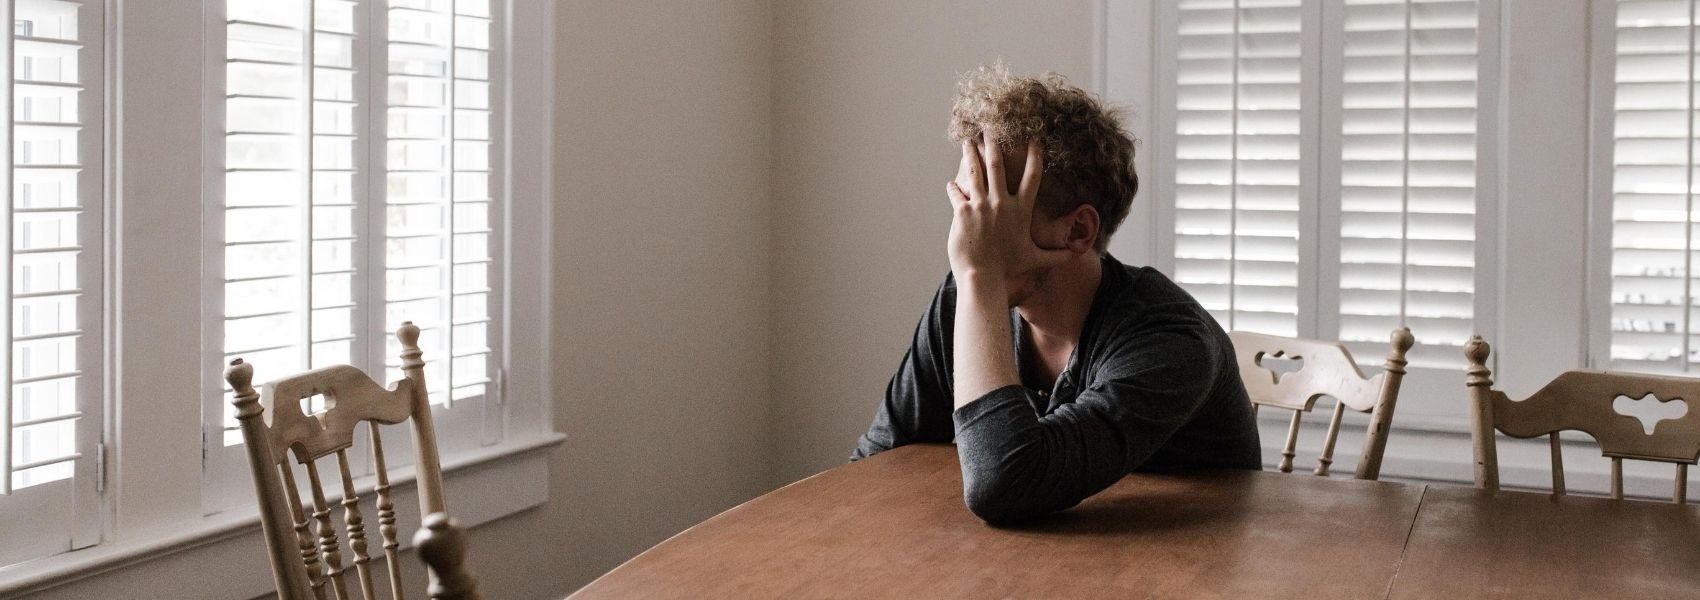 Ciática, uma dor comum em várias idades